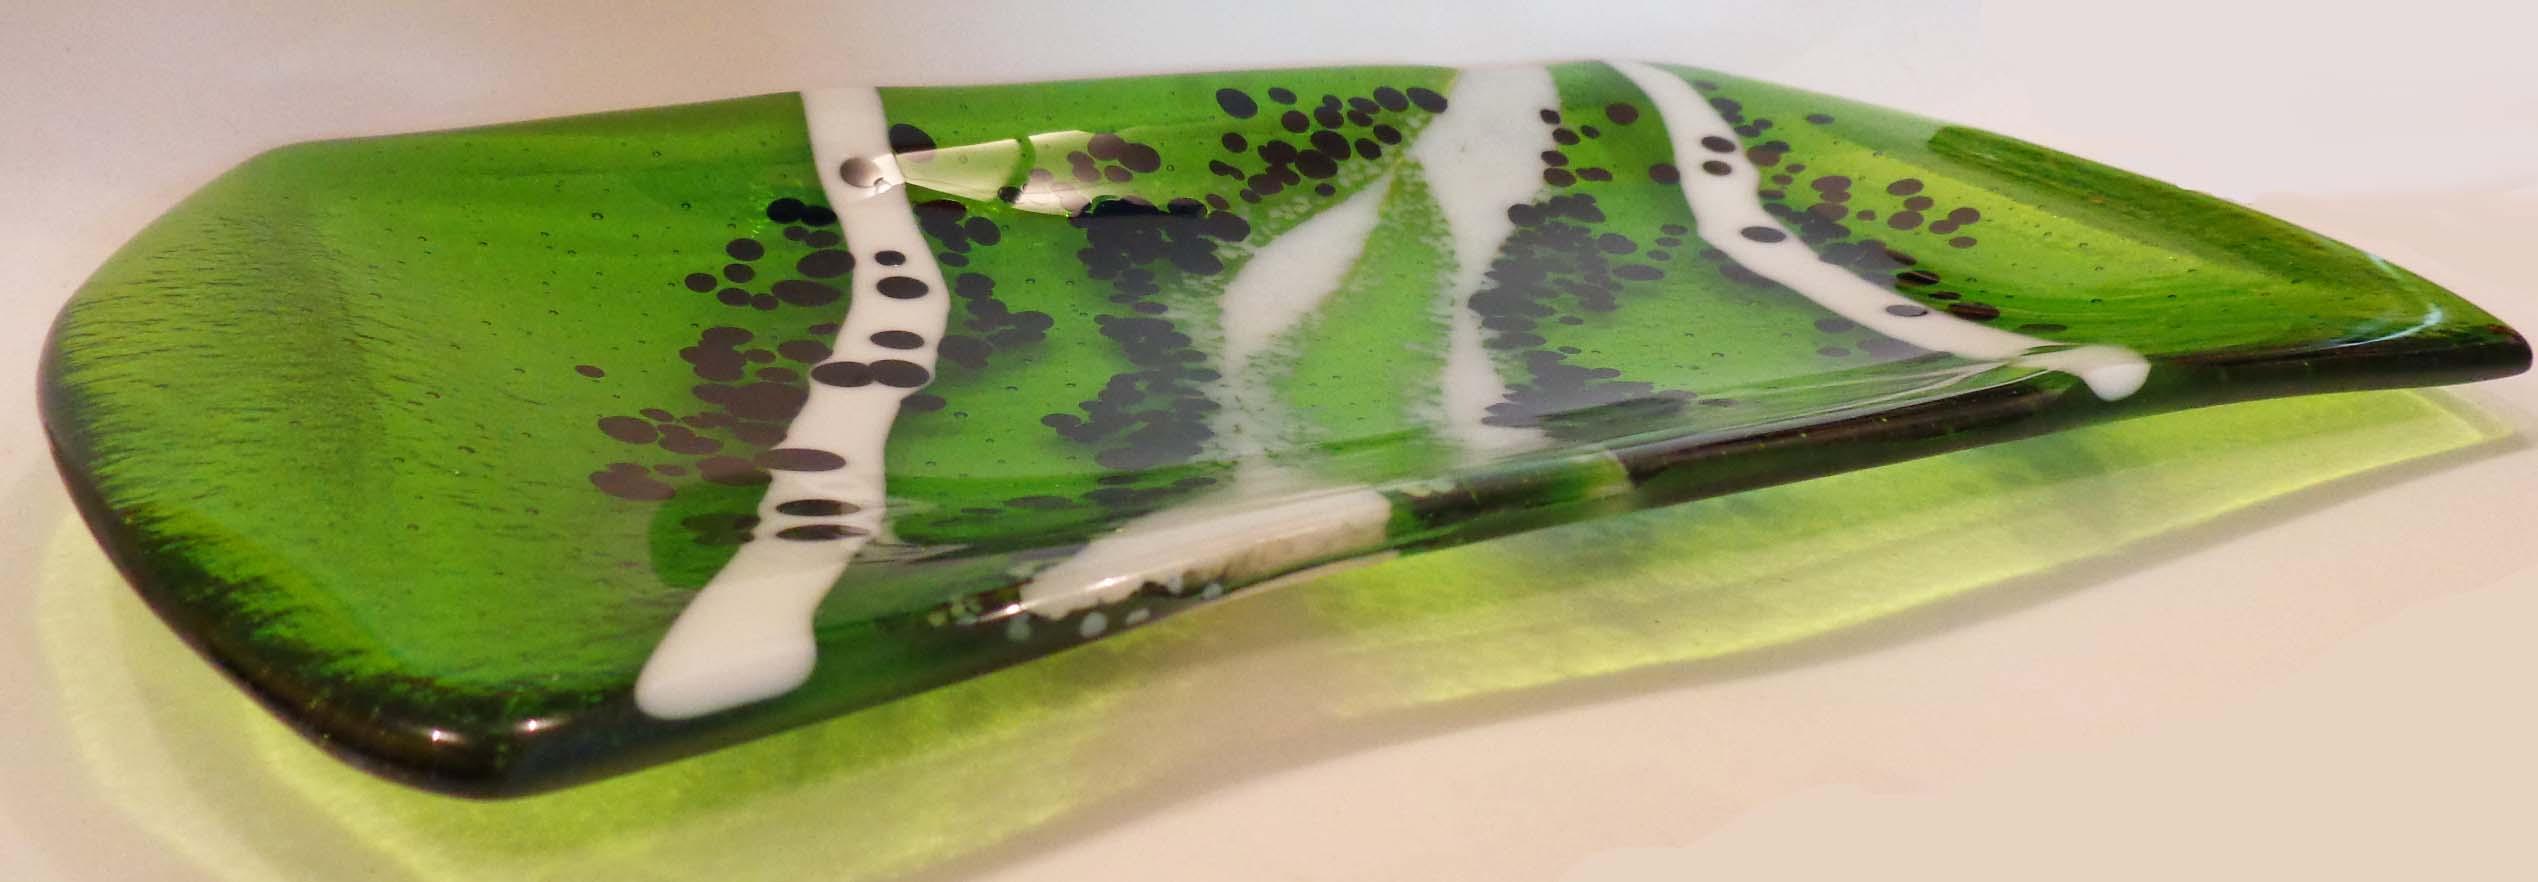 prato+verde+e+branco3.jpg